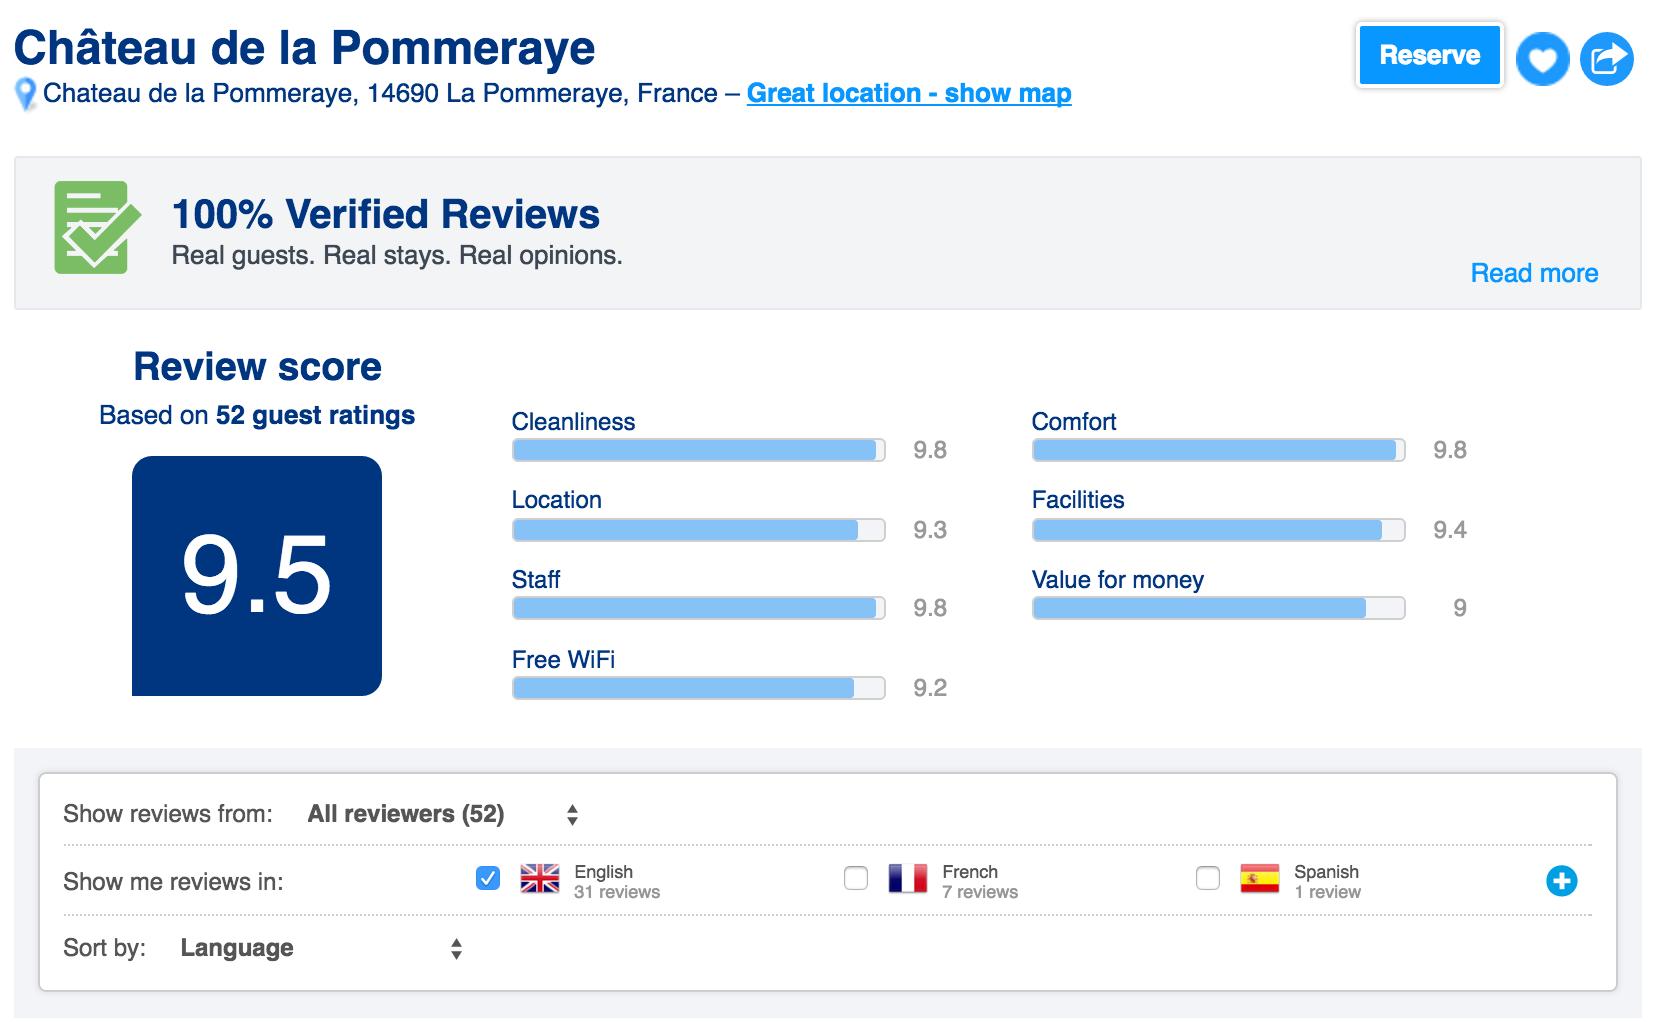 Chateau+de+la+Pommeraye+-+Booking.com.png